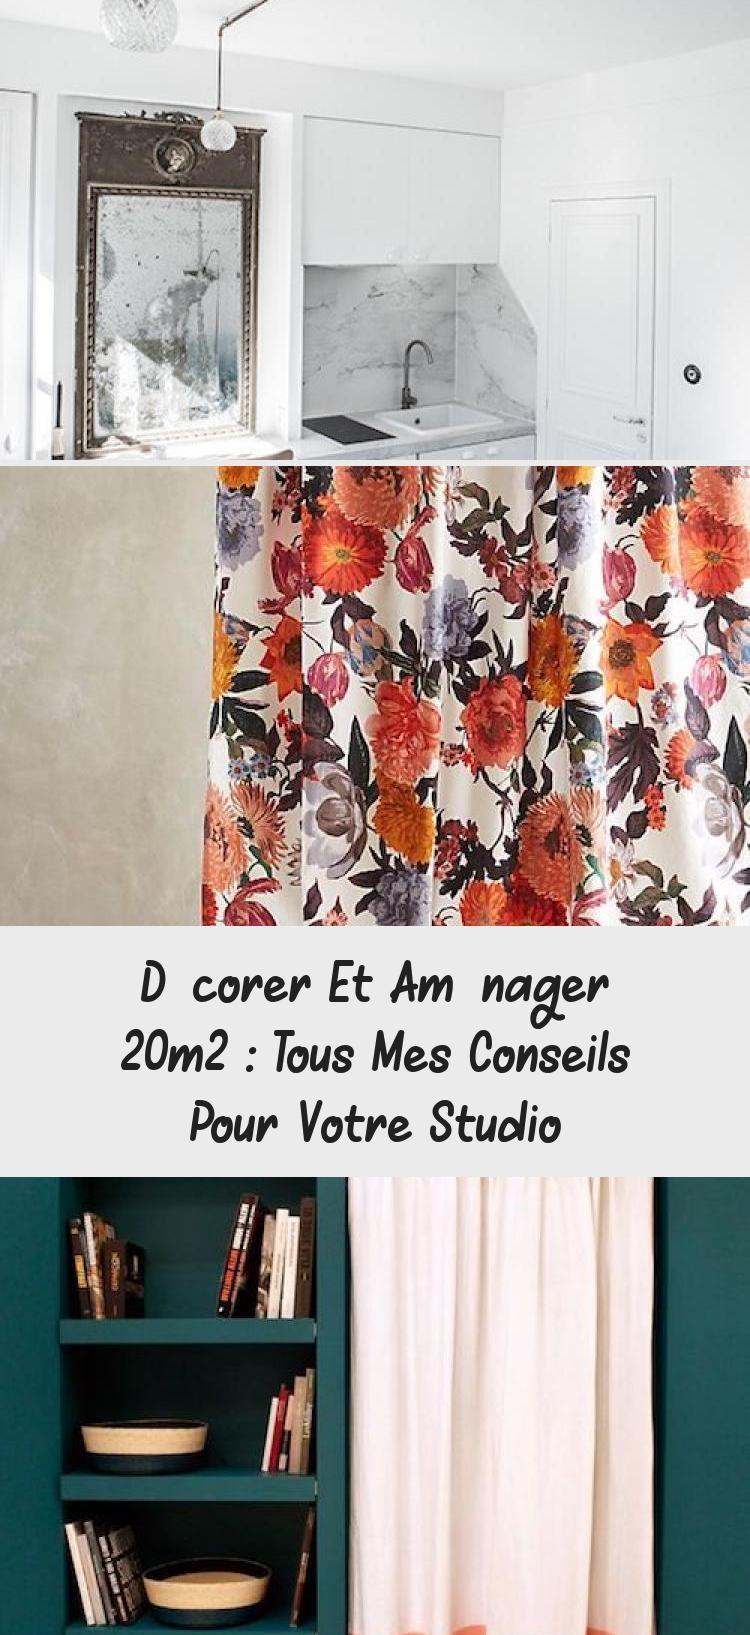 Aménager Un Petit Jardin De 20M2 aménager 20m2 petite cuisine studio meubles kitchenette